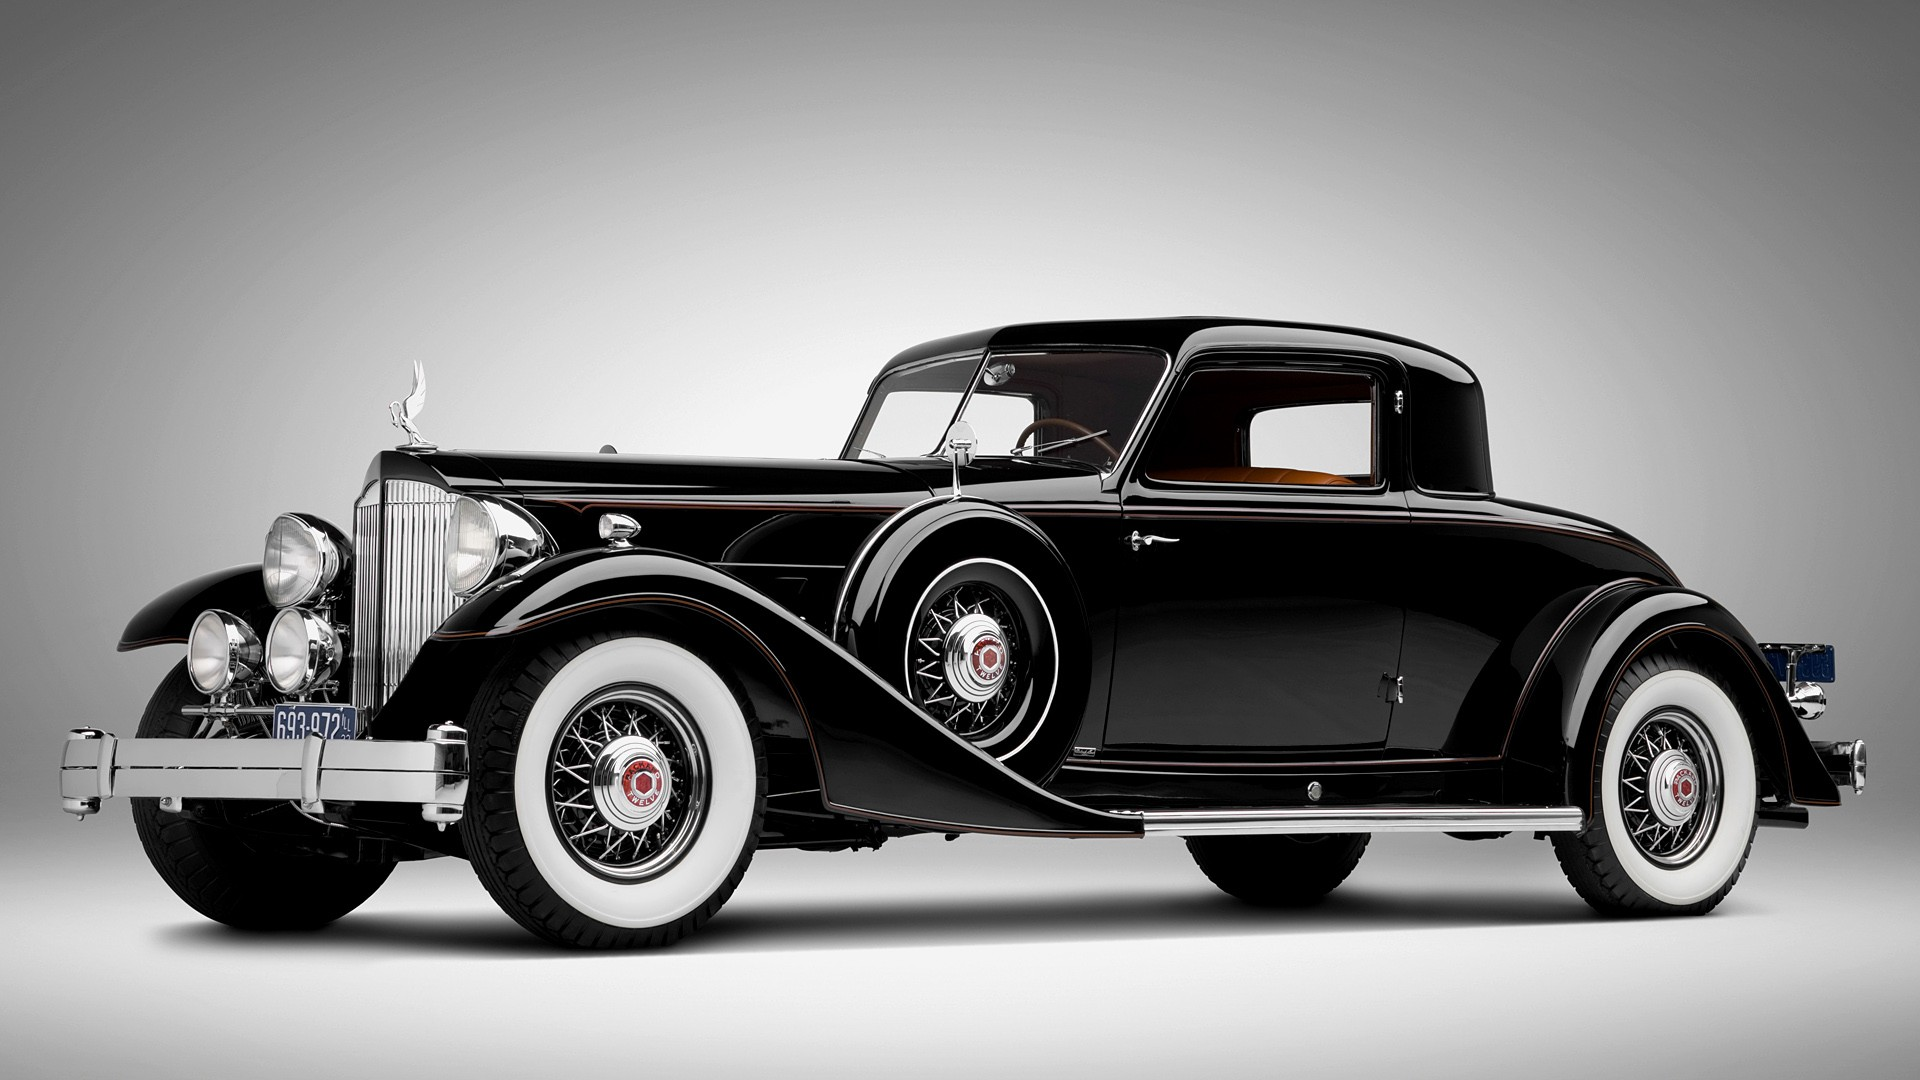 artikel yang berkategori Cars dengan judul classic cars wallpapers 1920x1080